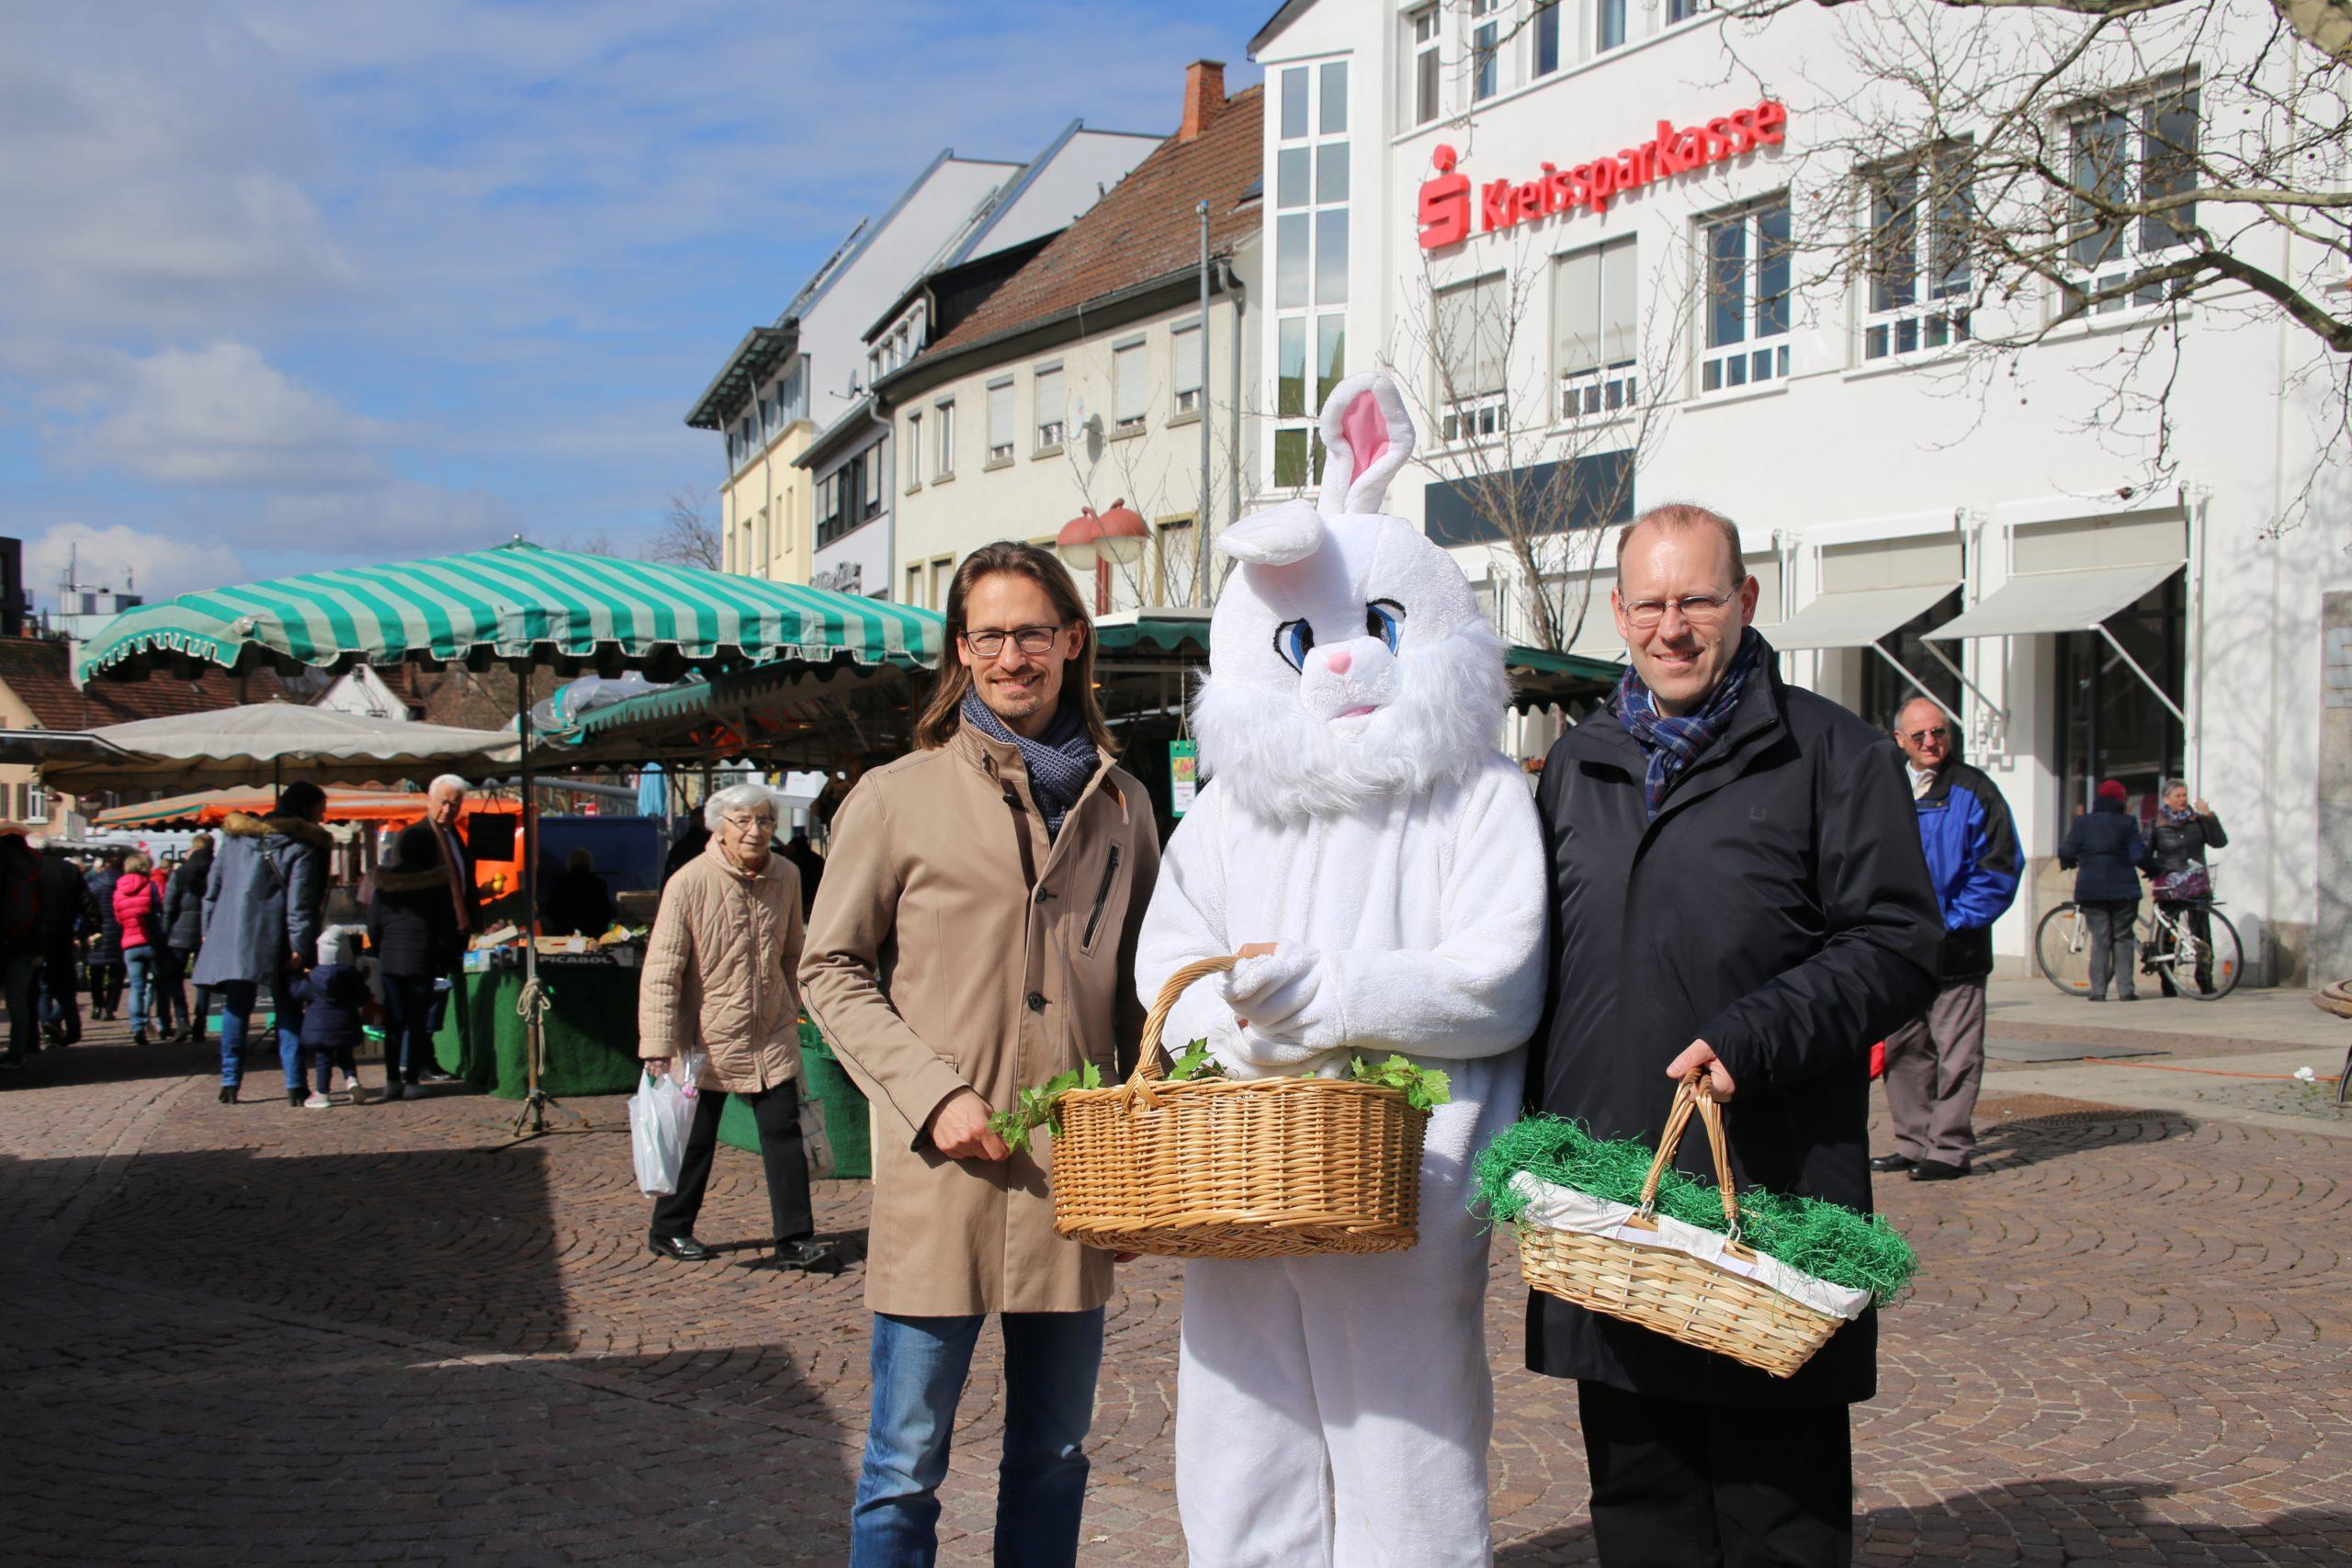 Osterhasenaktion auf dem Wochenmarkt